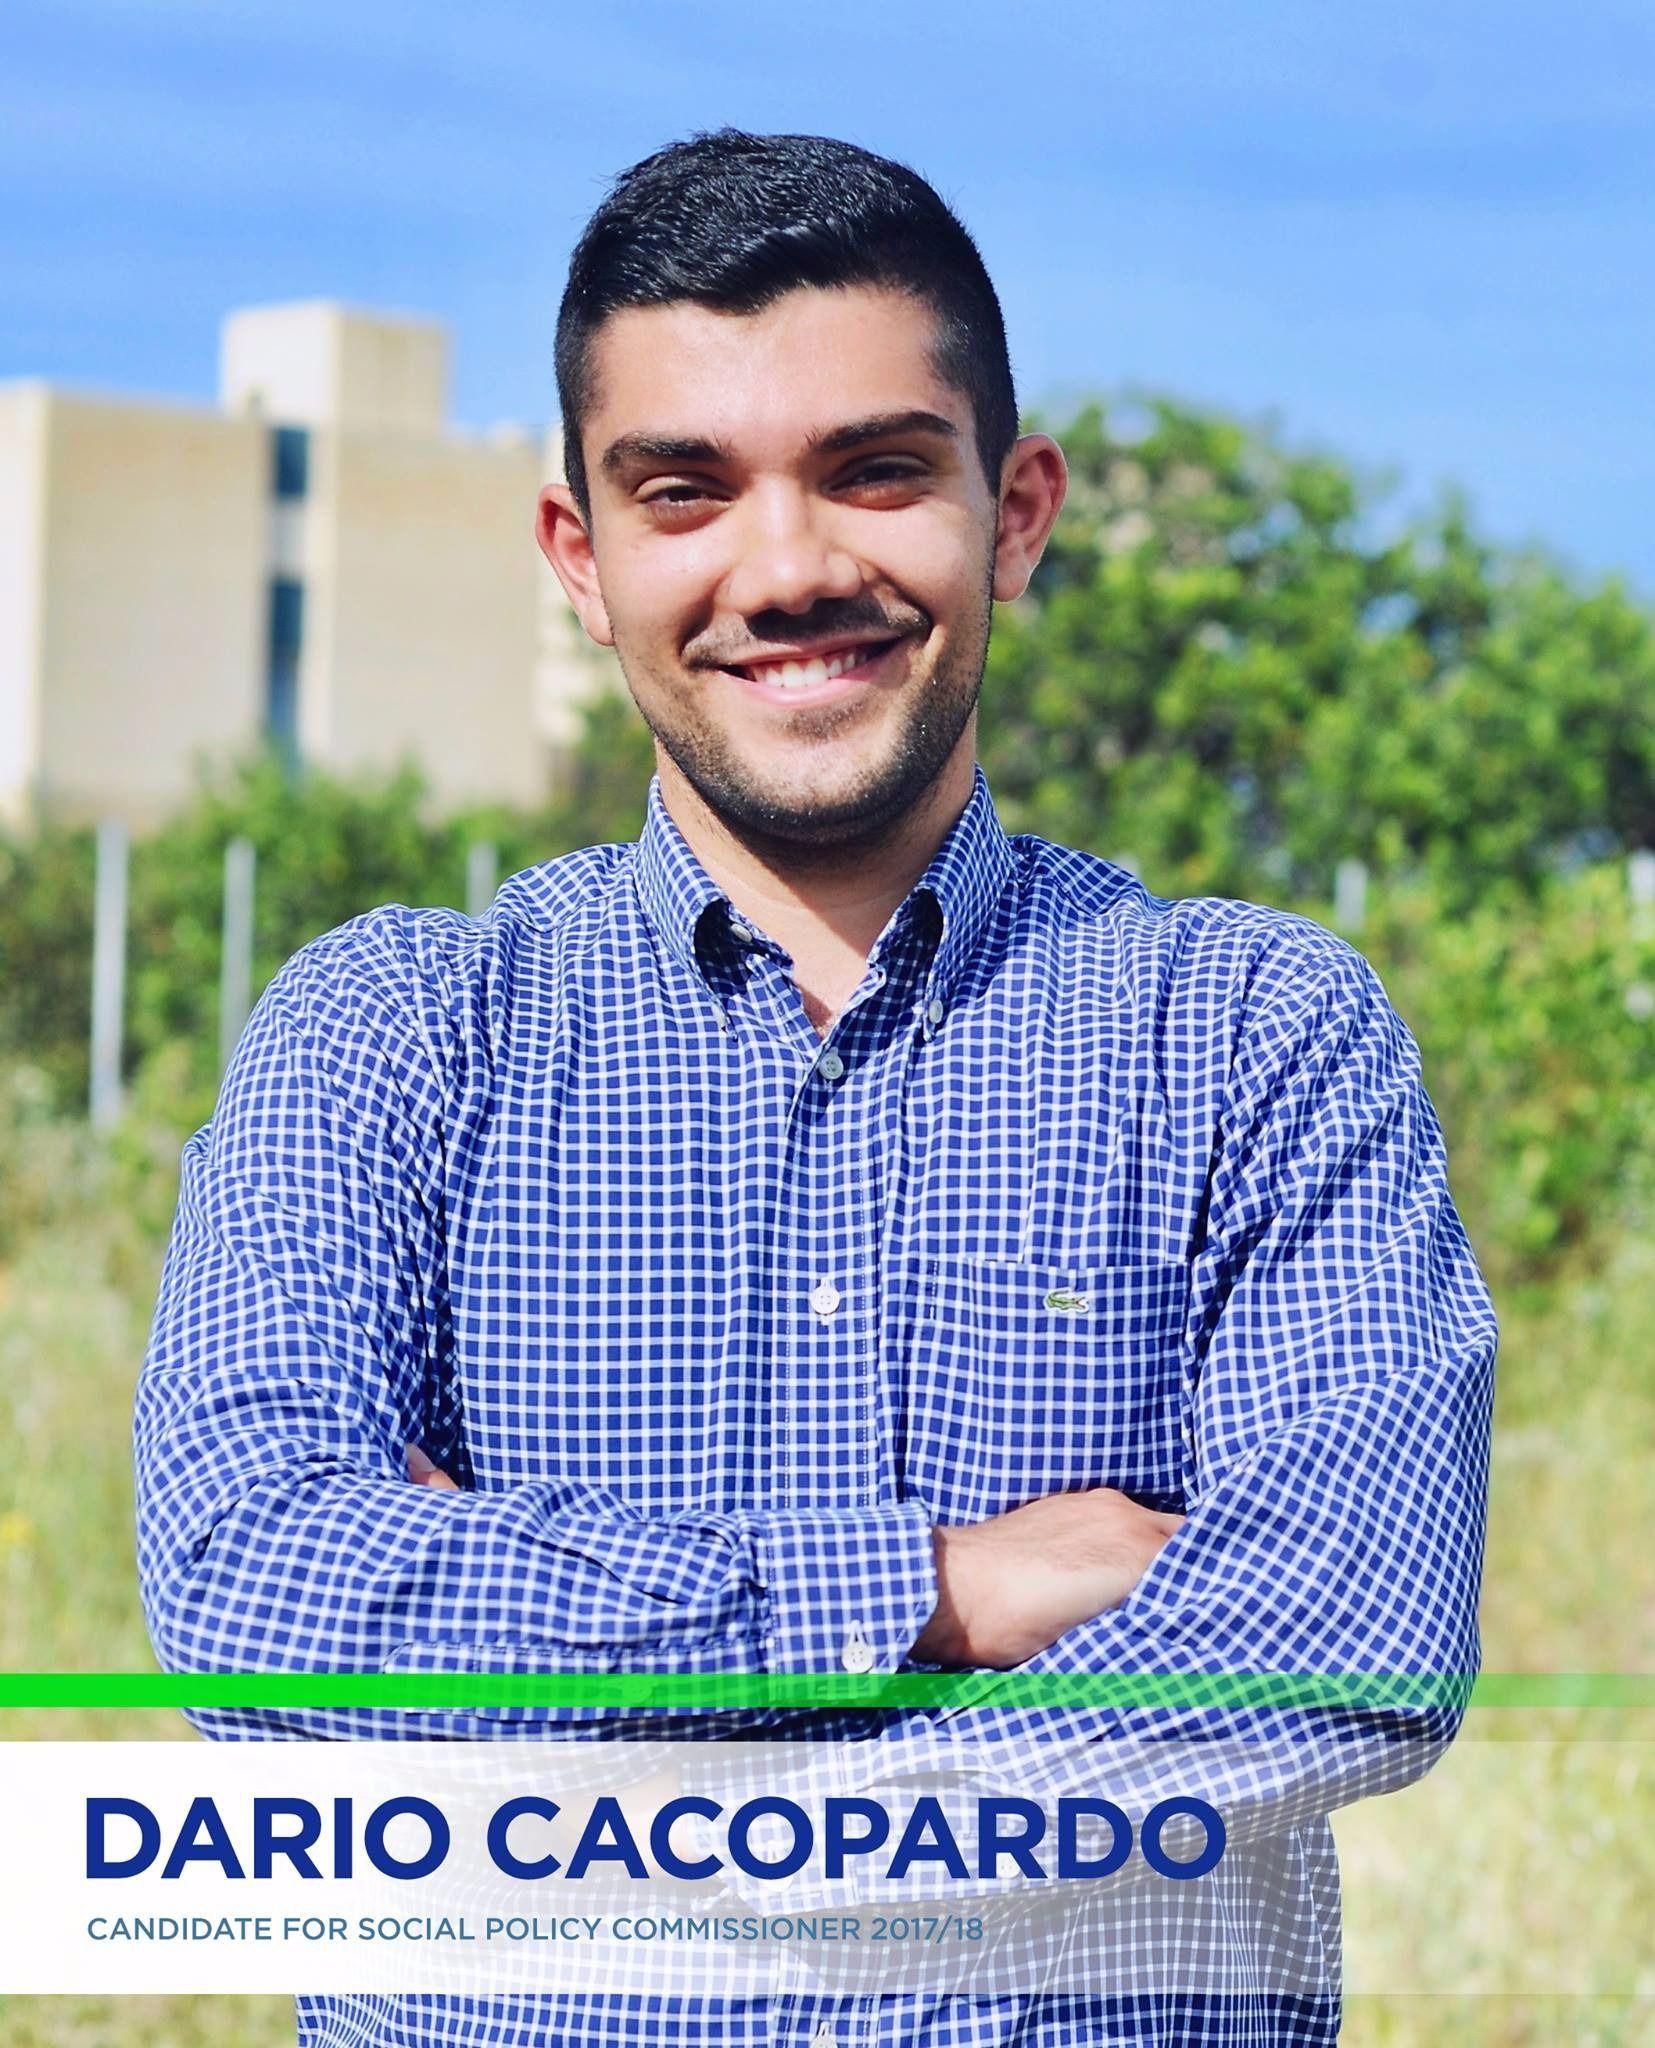 Dario Cacopardo